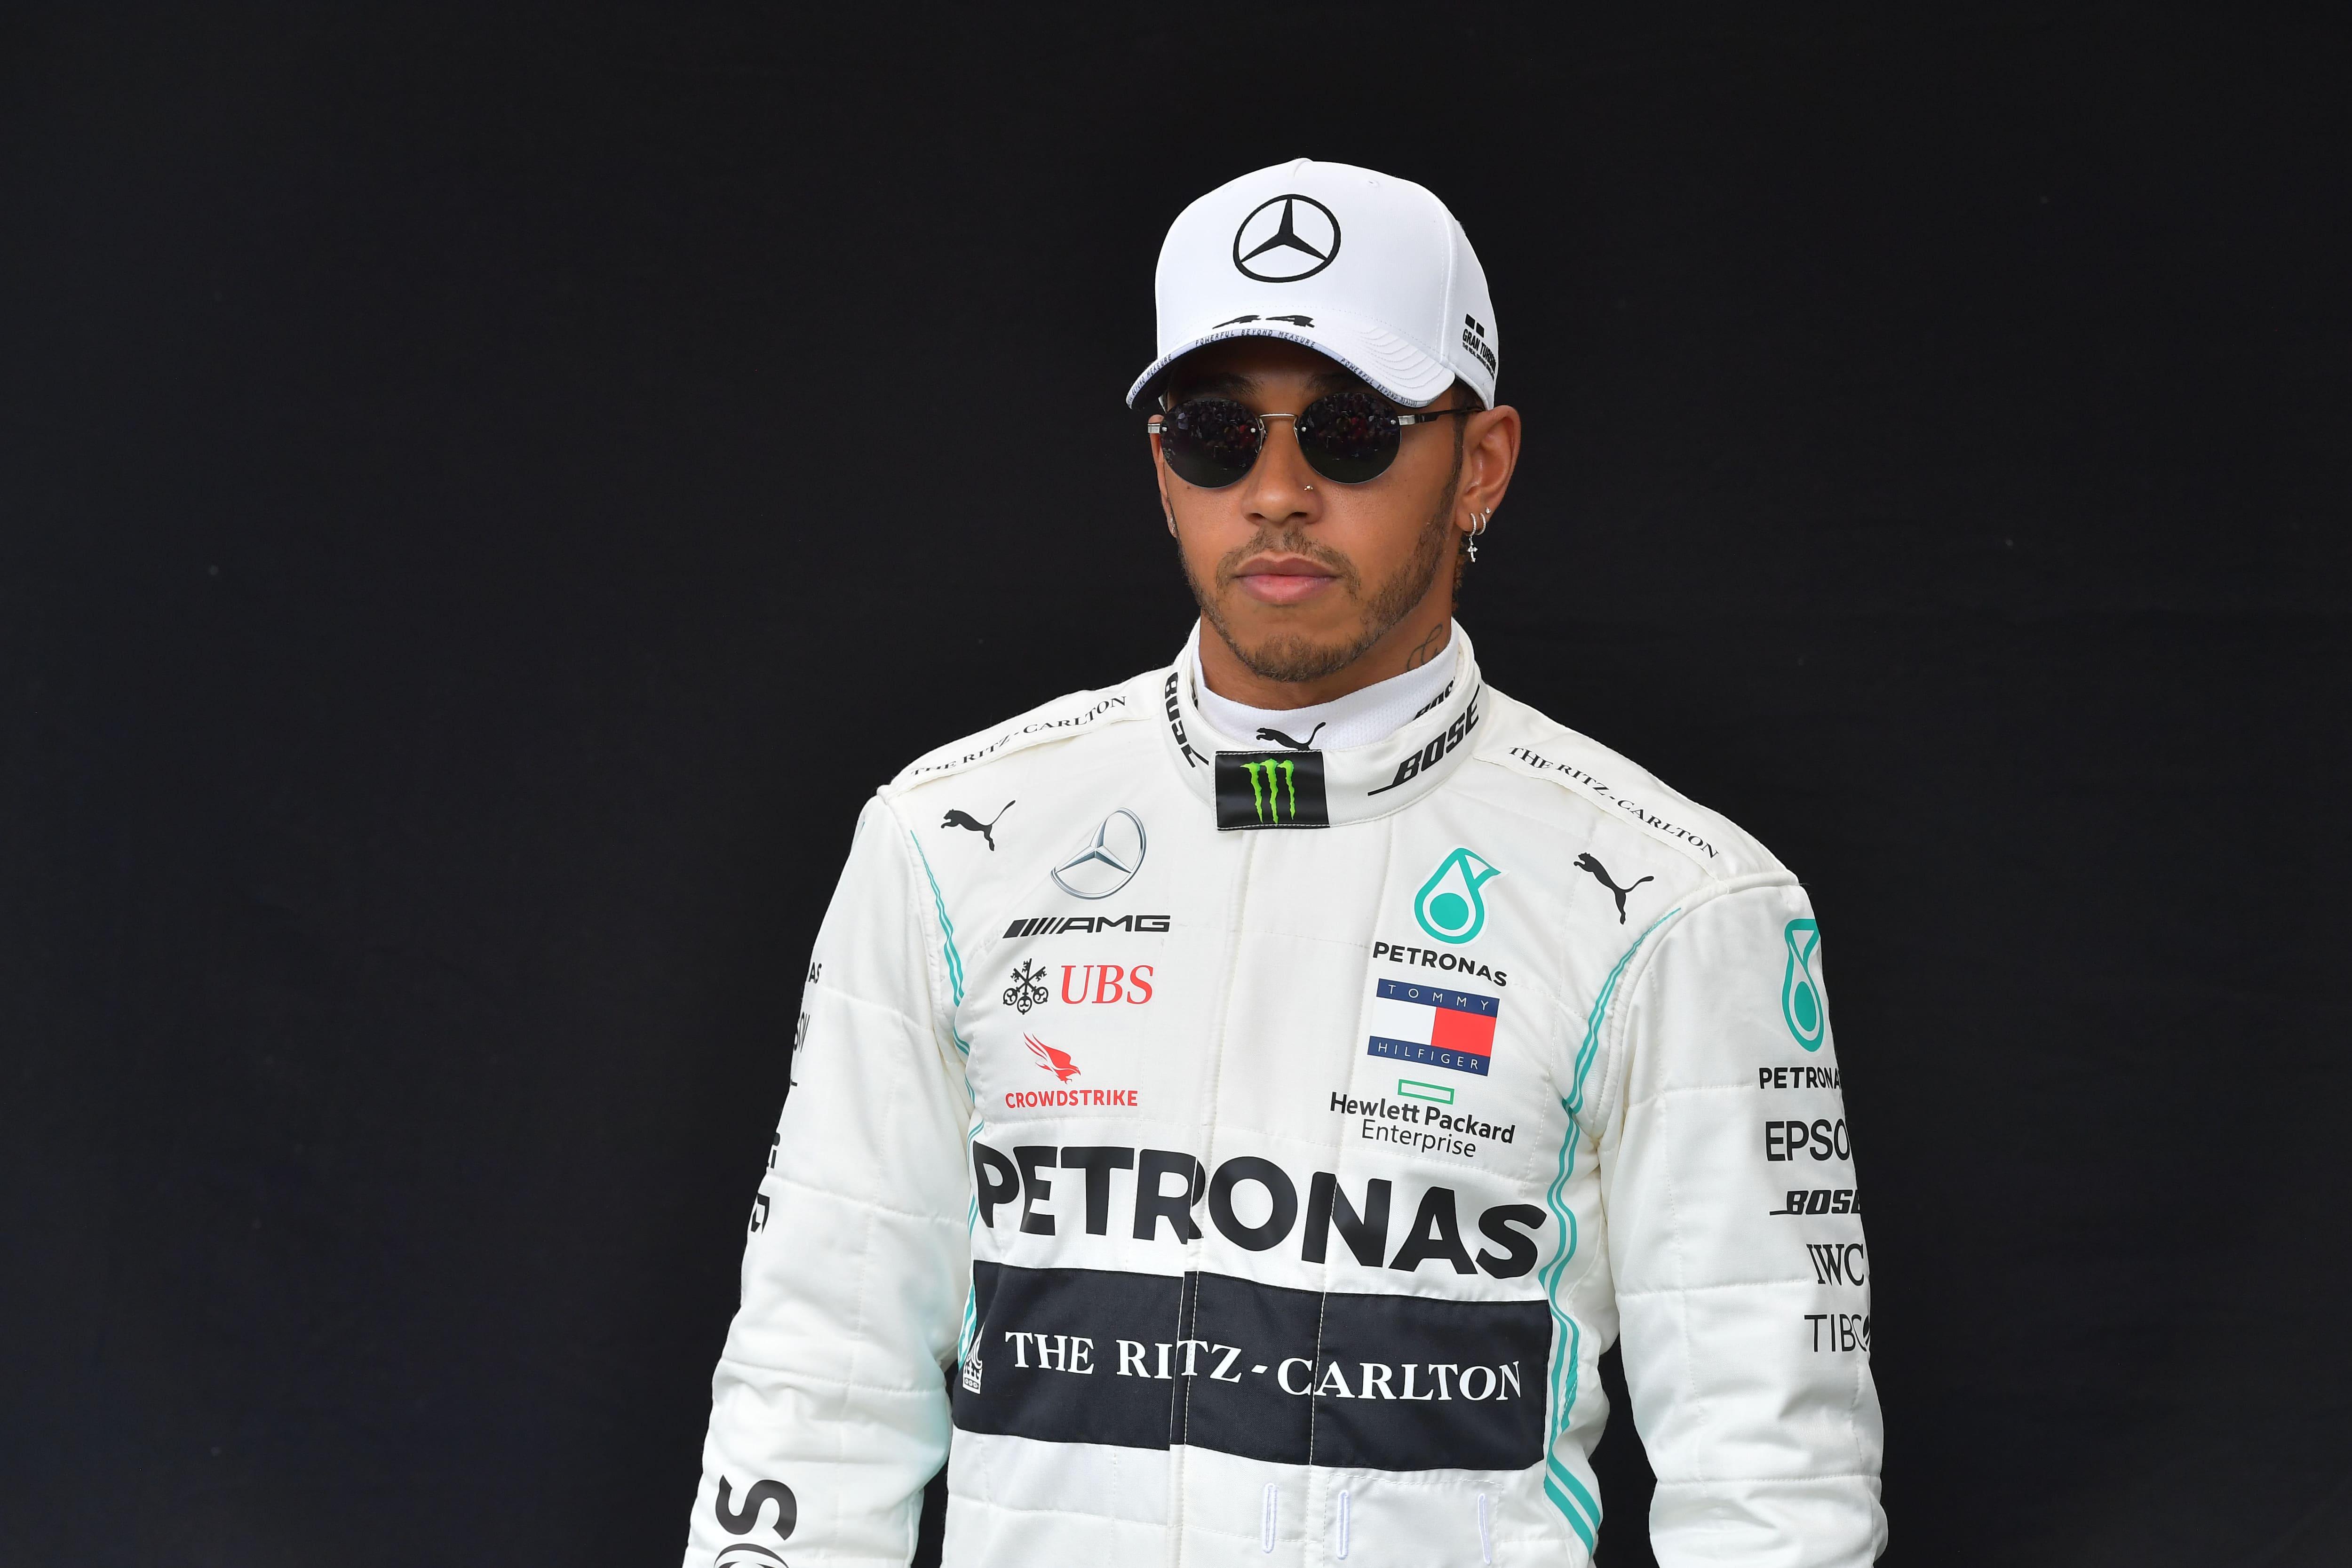 Lewis Hamilton confiné mais pas malade — Coronavirus